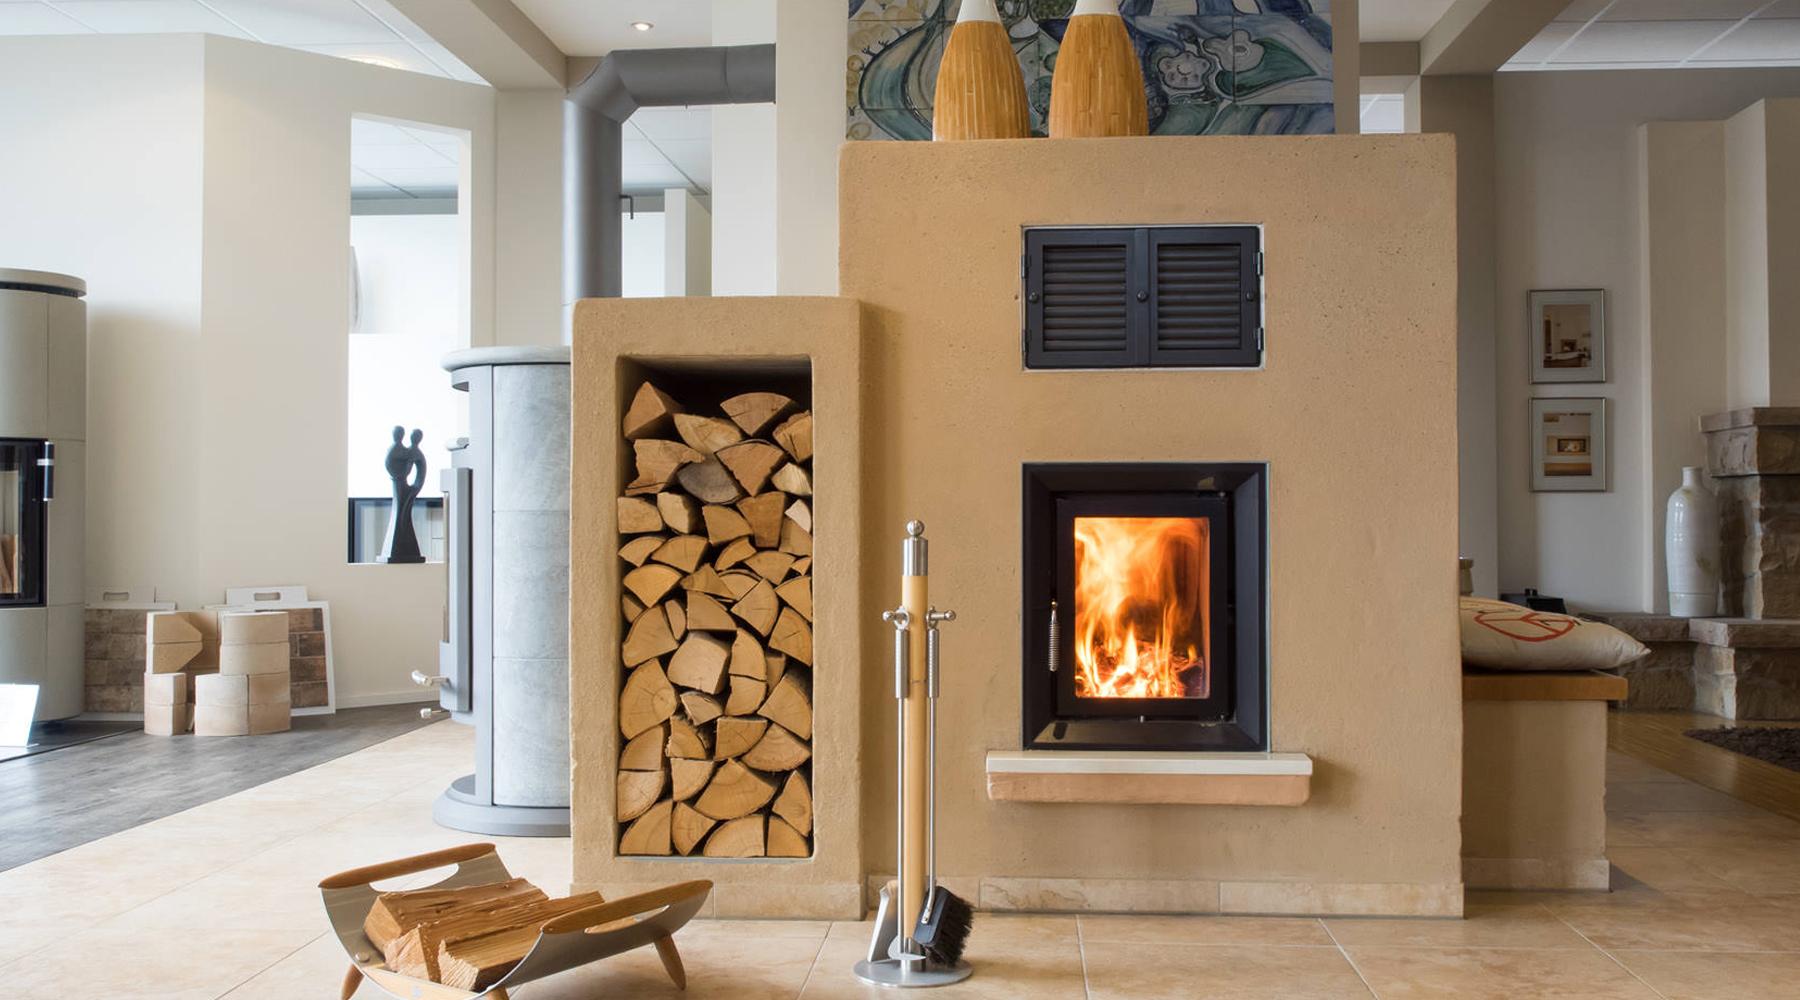 kachel und kamin biofire schleswig holstein kachelfen kamine und kaminfen zum kaminfen. Black Bedroom Furniture Sets. Home Design Ideas